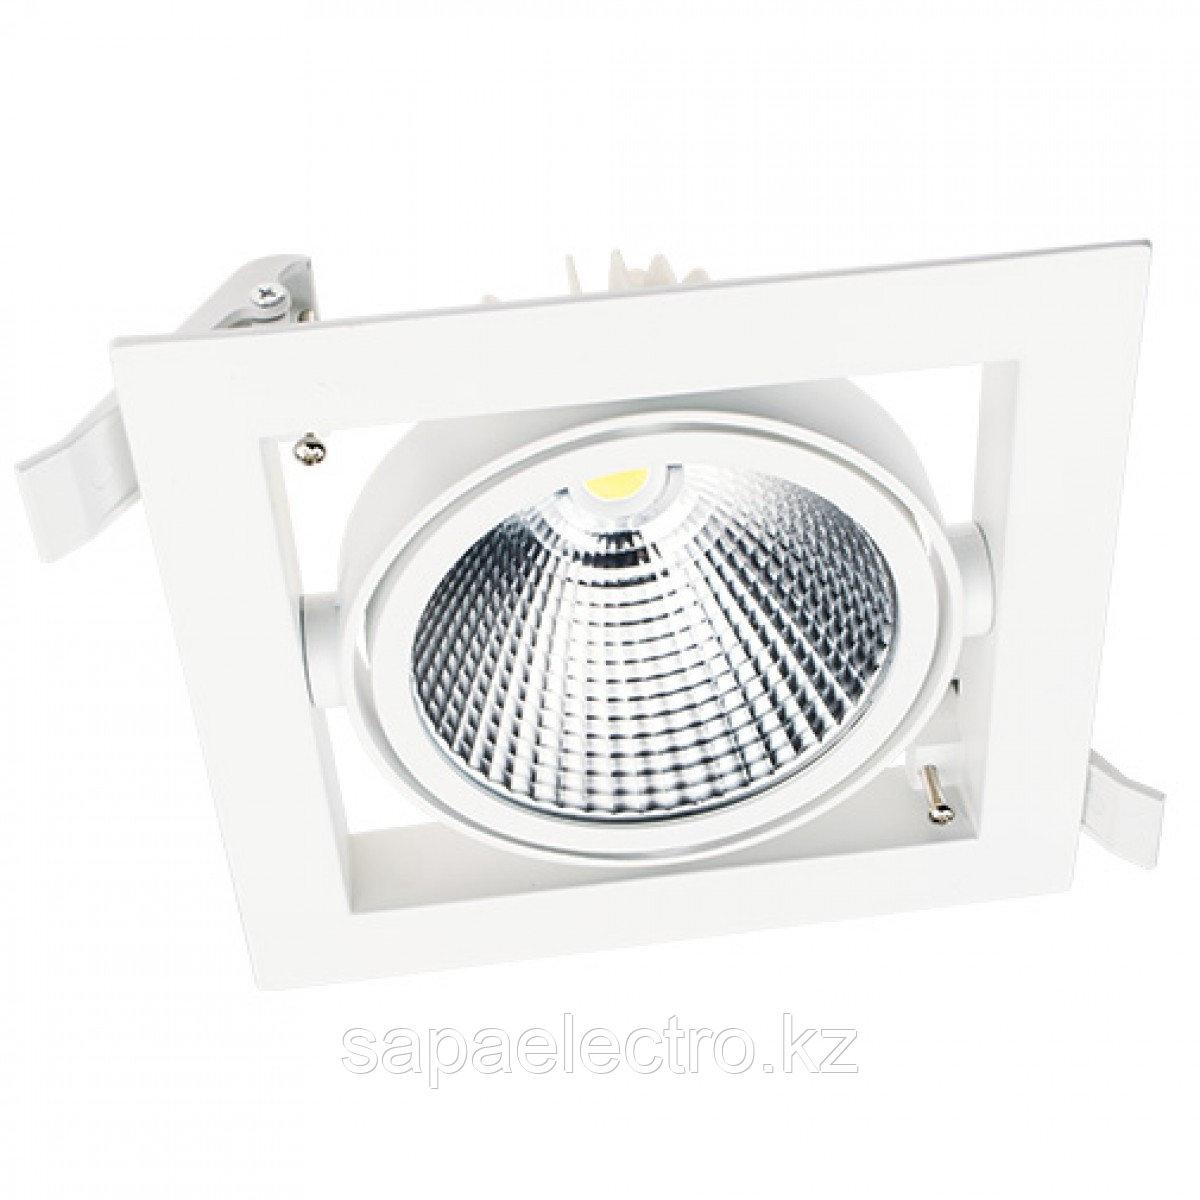 Свет-к DOWNLIGHT LED DL30 30W WH 3000K(TEKSAN)16шт